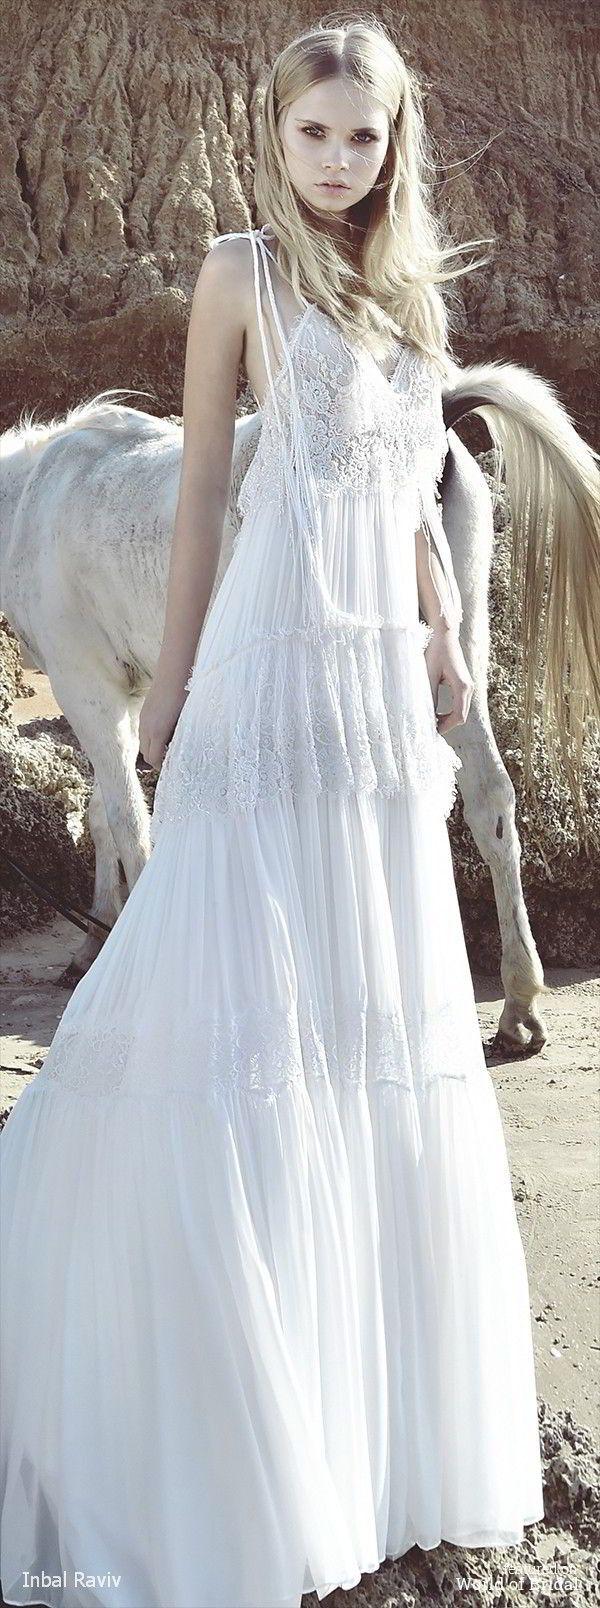 167 best Wedding | Boho Brides images on Pinterest | High fashion ...